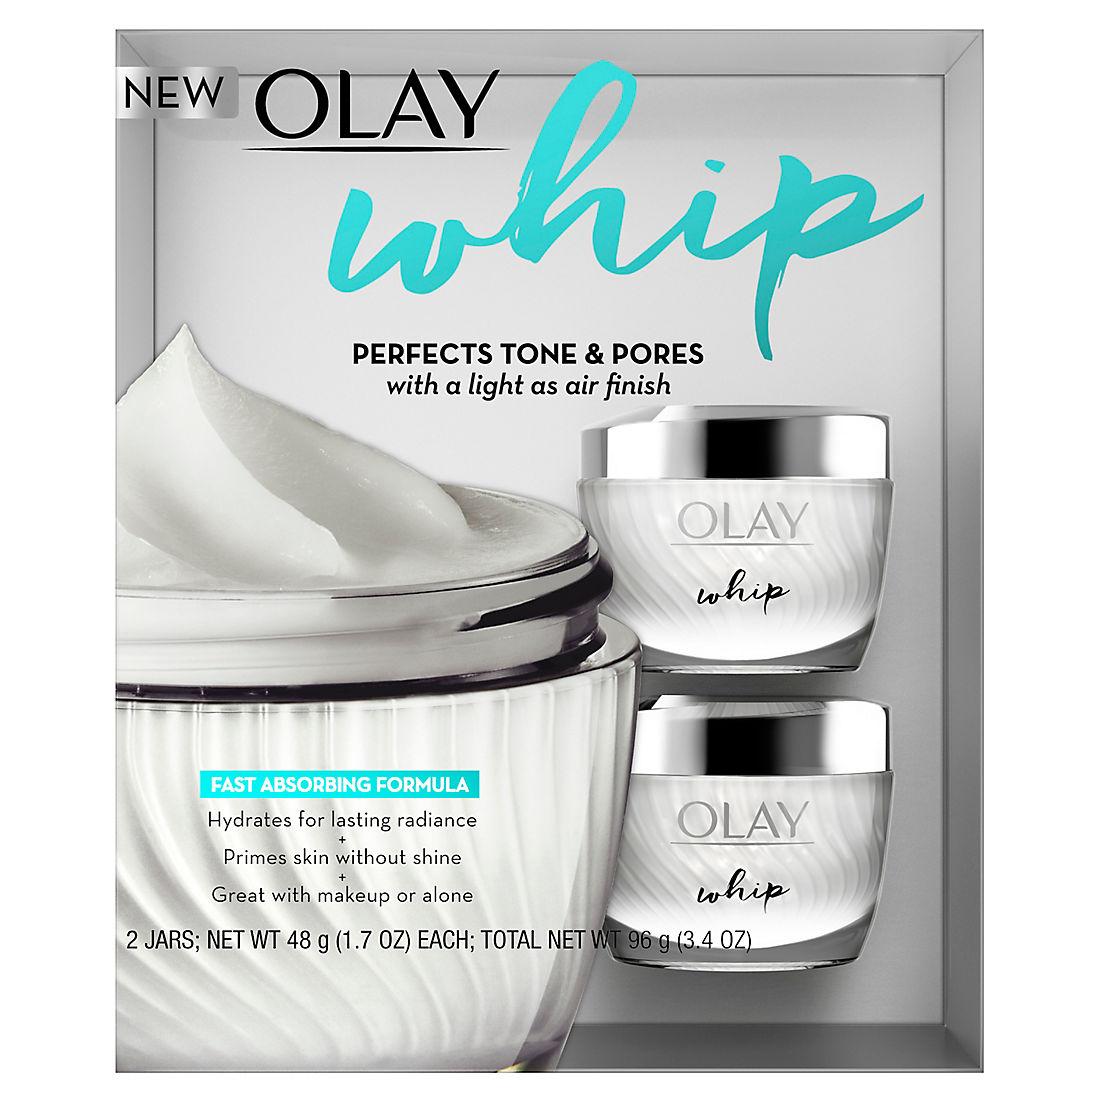 Olay Whip Face Moisturizer, 2 pk /1 7 oz